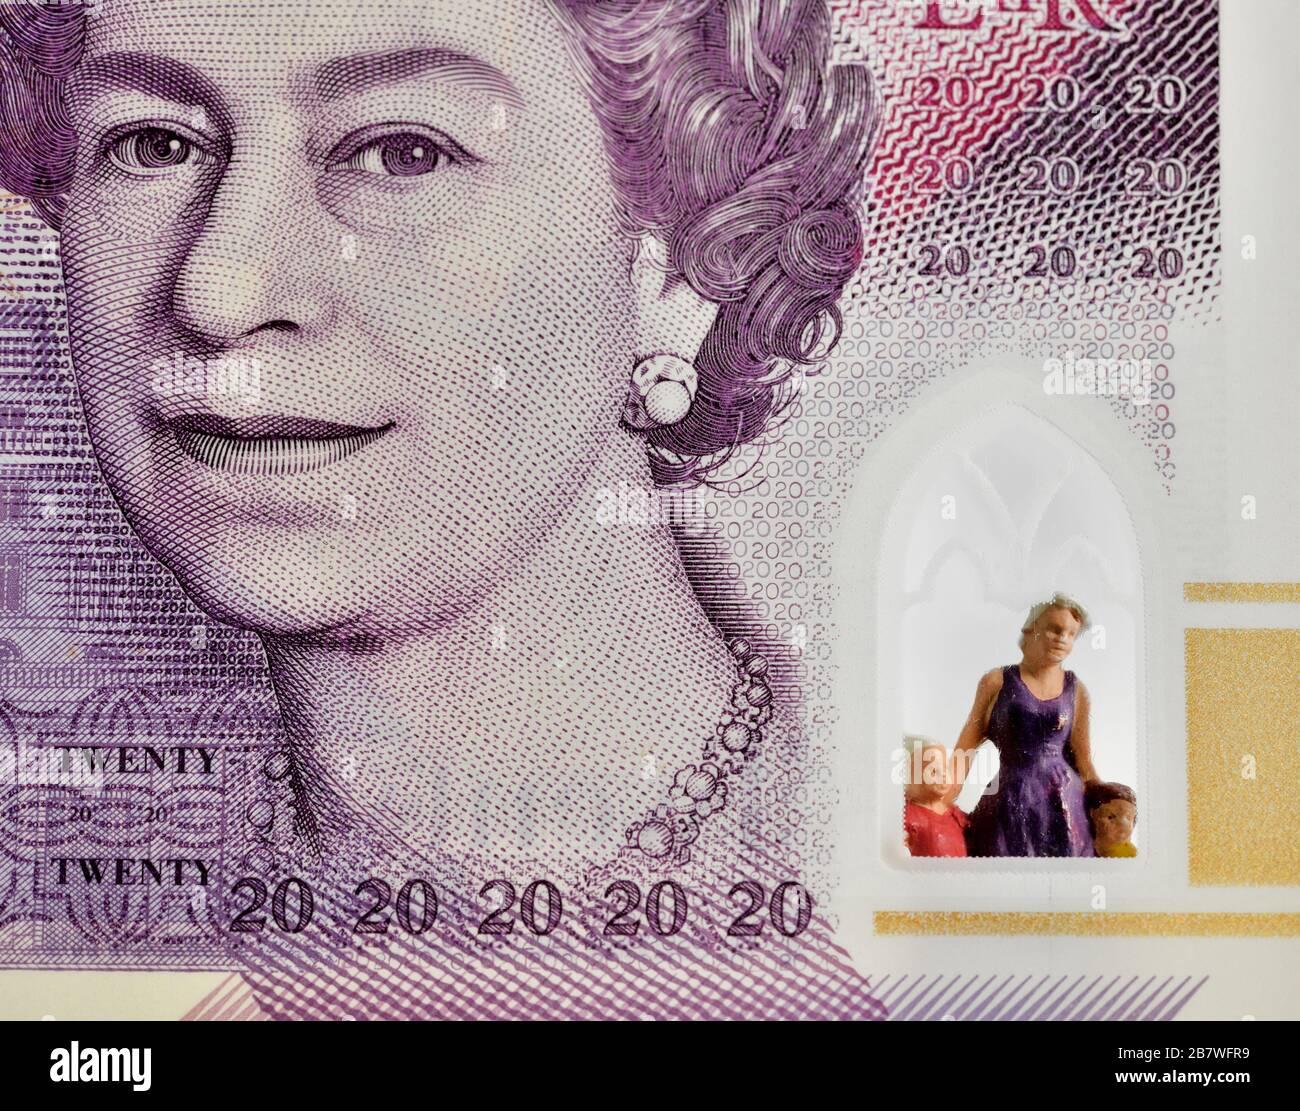 Distanciamiento social,aislamiento propio,aislamiento propio,dinero,trabajos, salarios,dinero, concepto,Reino Unido Foto de stock